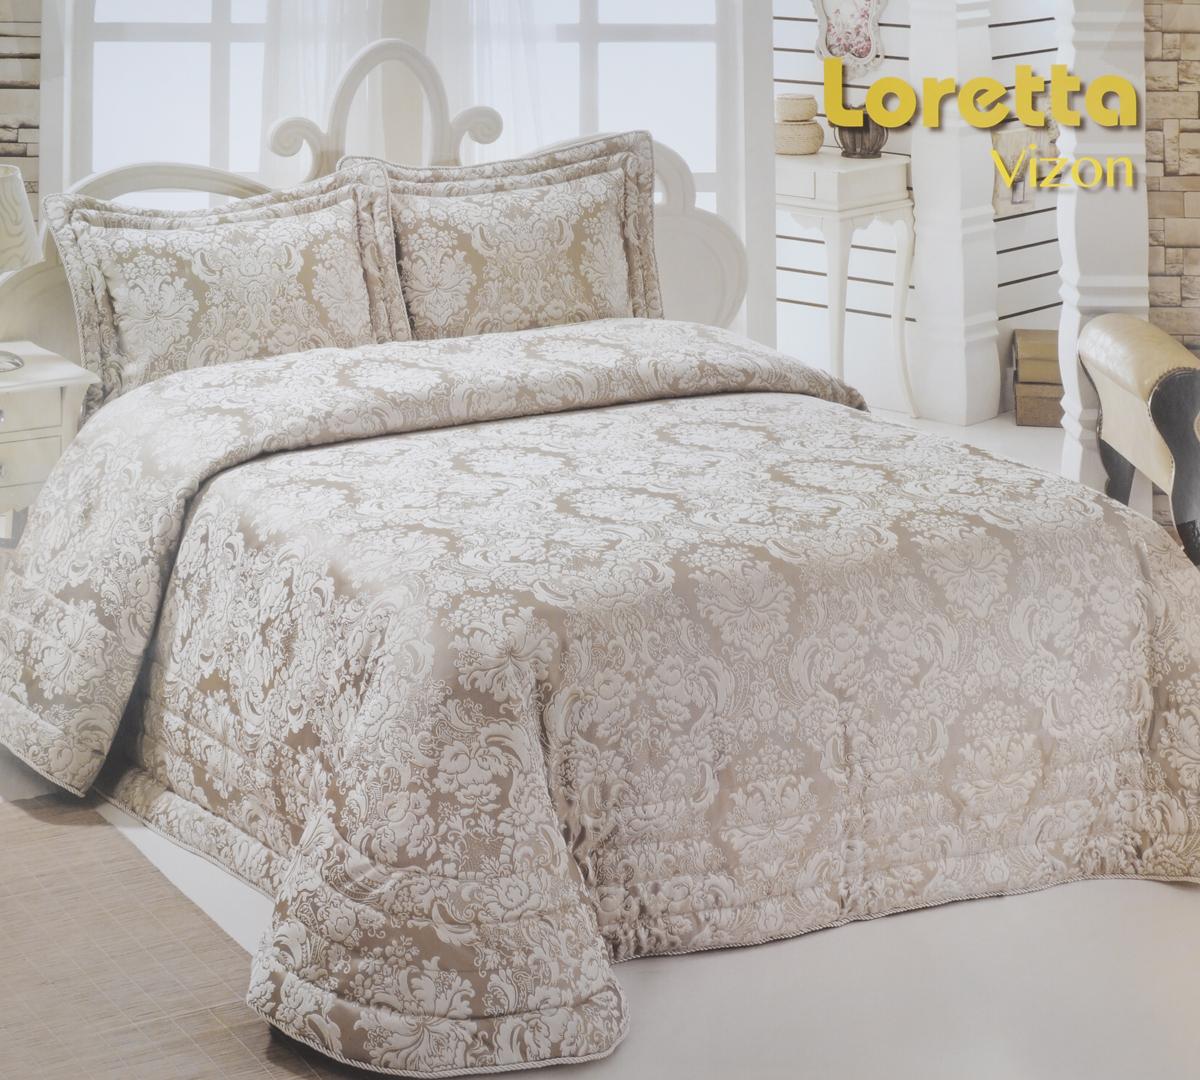 Комплект для спальни Modalin Nazsu. Loretta: покрывало 250 х 270 см, 2 наволочки 50 х 70 см, цвет: бежевый, белыйU210DFИзысканный комплект для спальни Modalin Nazsu. Loretta состоит из покрывала и двух наволочек. Изделия выполнены из высококачественного полиэстера и хлопка, легкие, прочные и износостойкие. Ткань блестящая, что придает ей больше роскошиКомплект Modalin Nazsu. Loretta - это отличный способ придать спальне уют и комфорт.Размер покрывала: 250 х 270 см.Размер наволочек: 50 х 70 см.